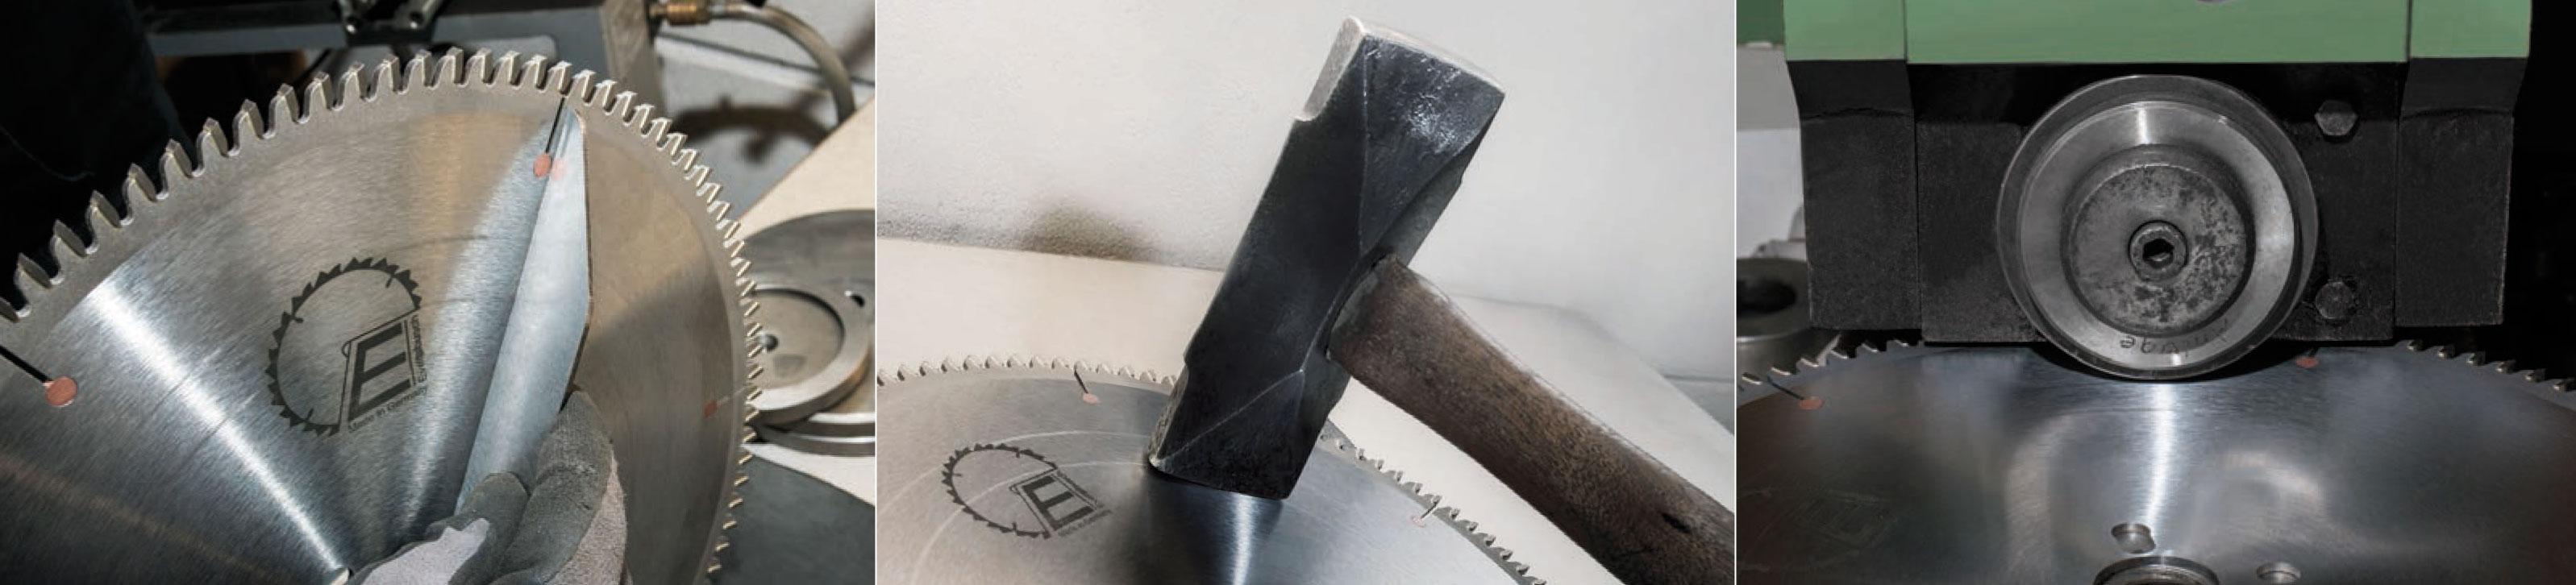 Evertsbusch-Instandsetzungsservice: Er umfasst Schärf- und Zahnreparaturen sowie die komplette Neubestückung gebrauchter HM-Sägeblätter bis zu einem Durchmesser von 840 mm.